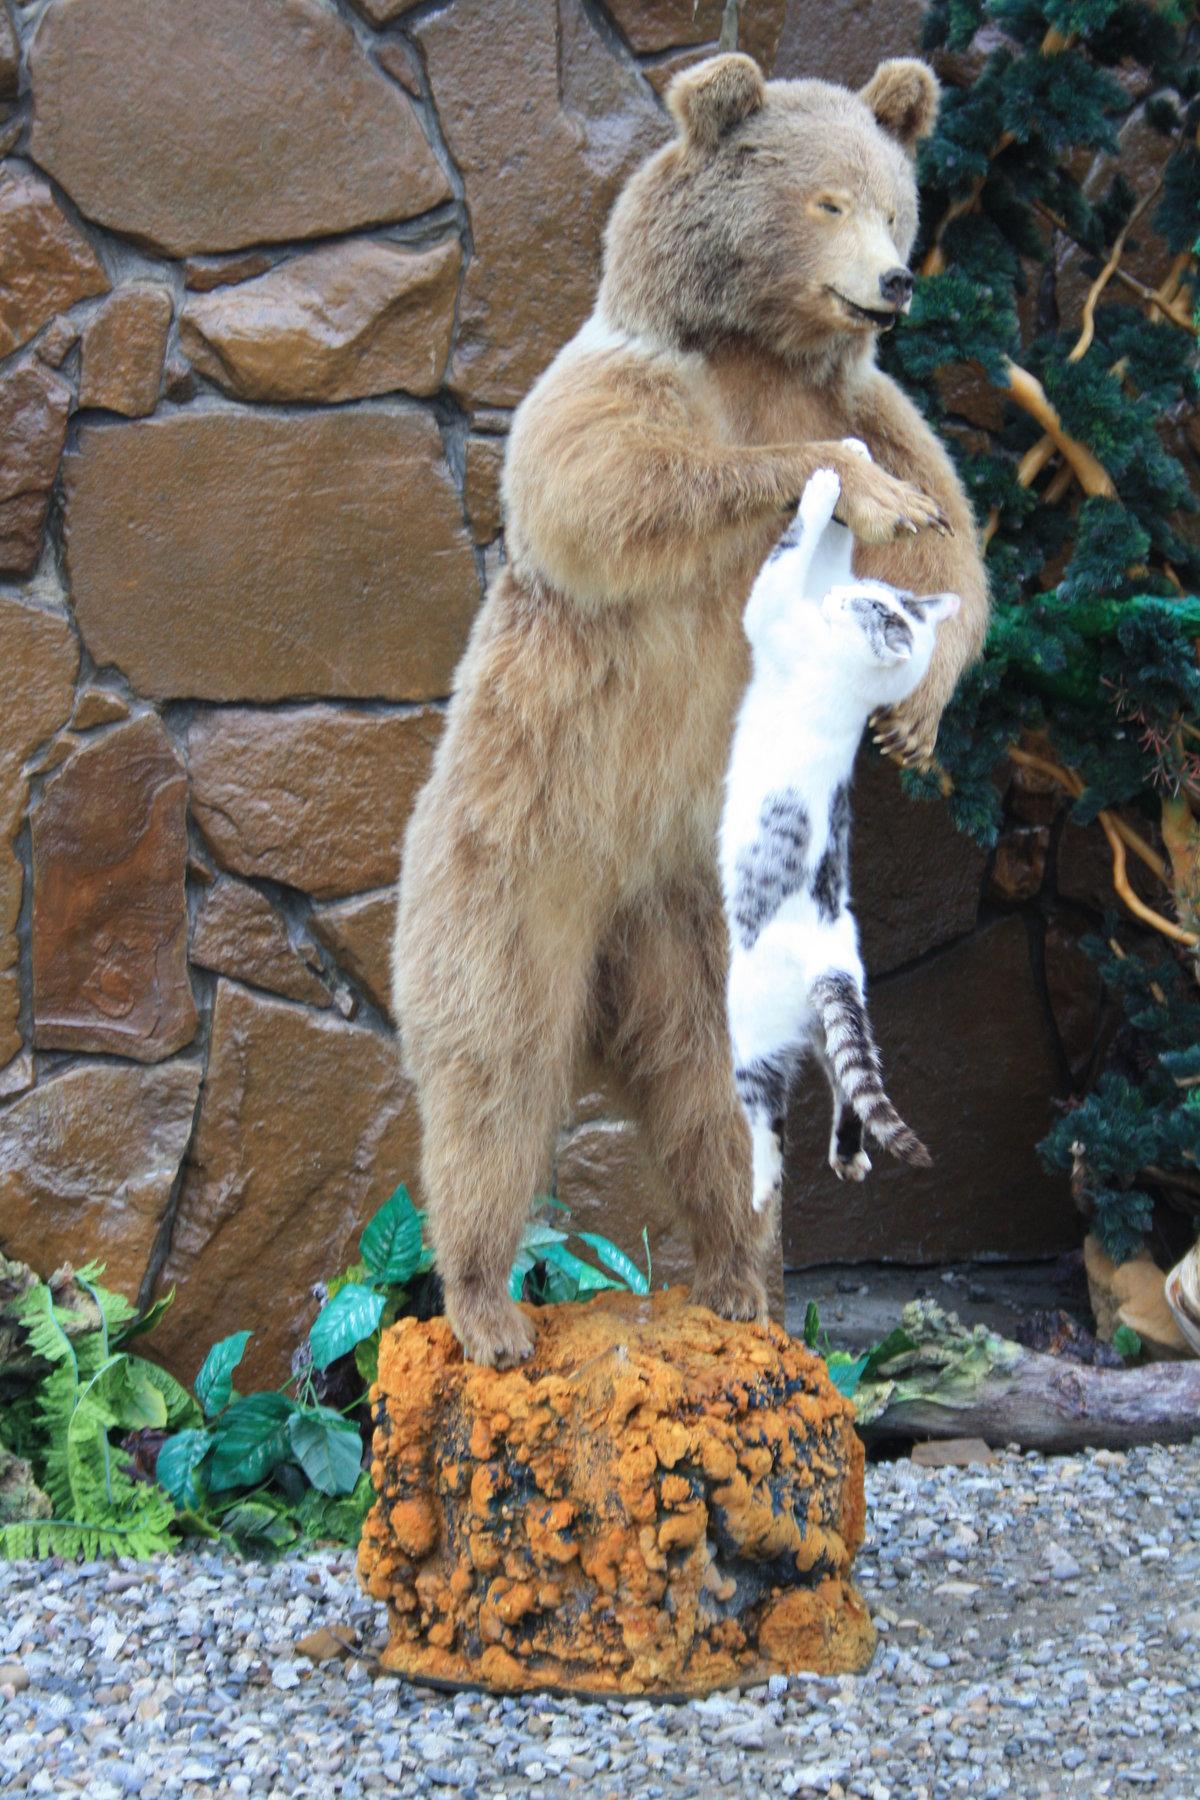 этого картинки медведь и кошка раздетые сучки